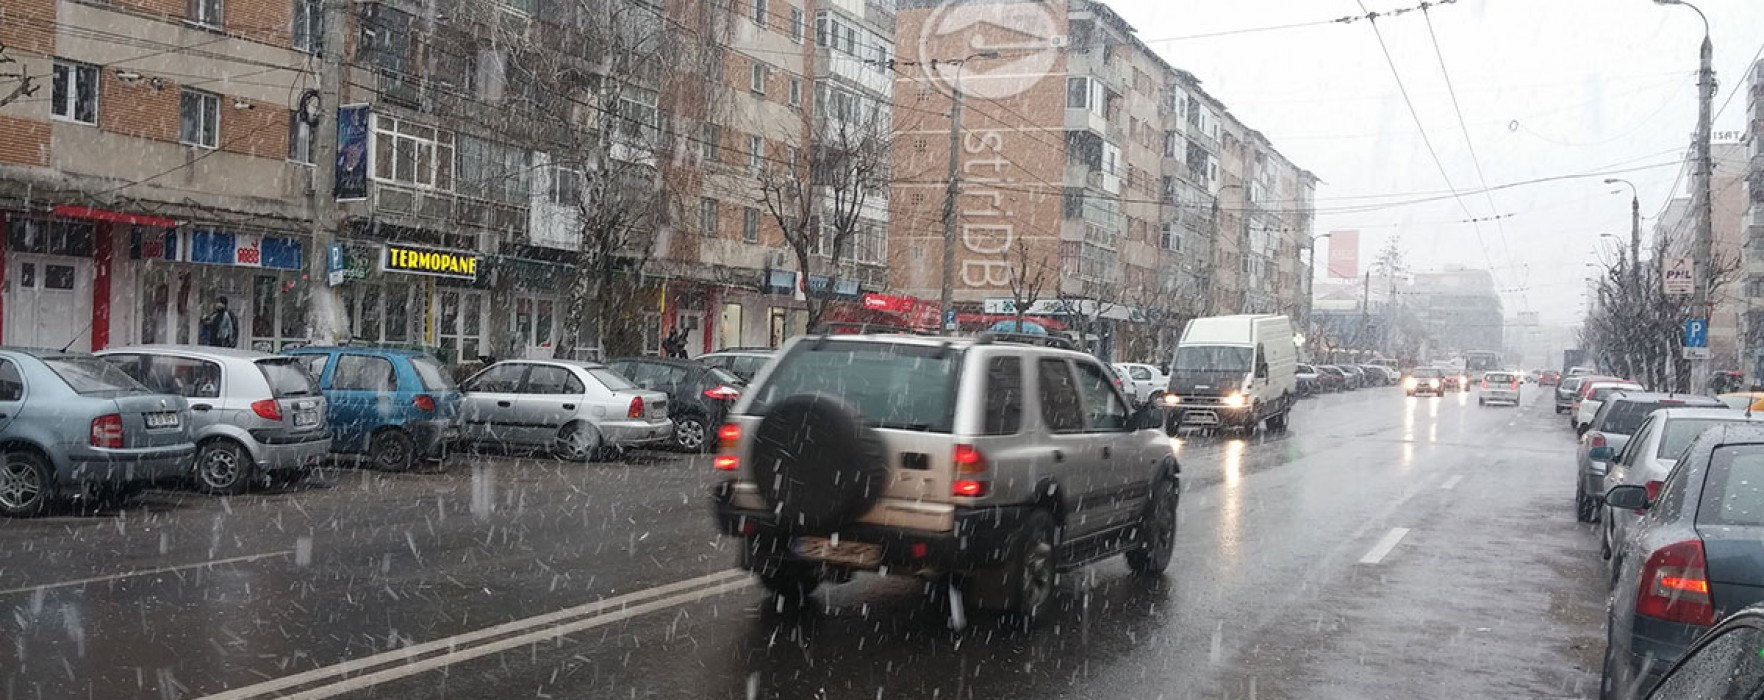 Târgovişte: După ninsoarea de joi, vremea îşi revine